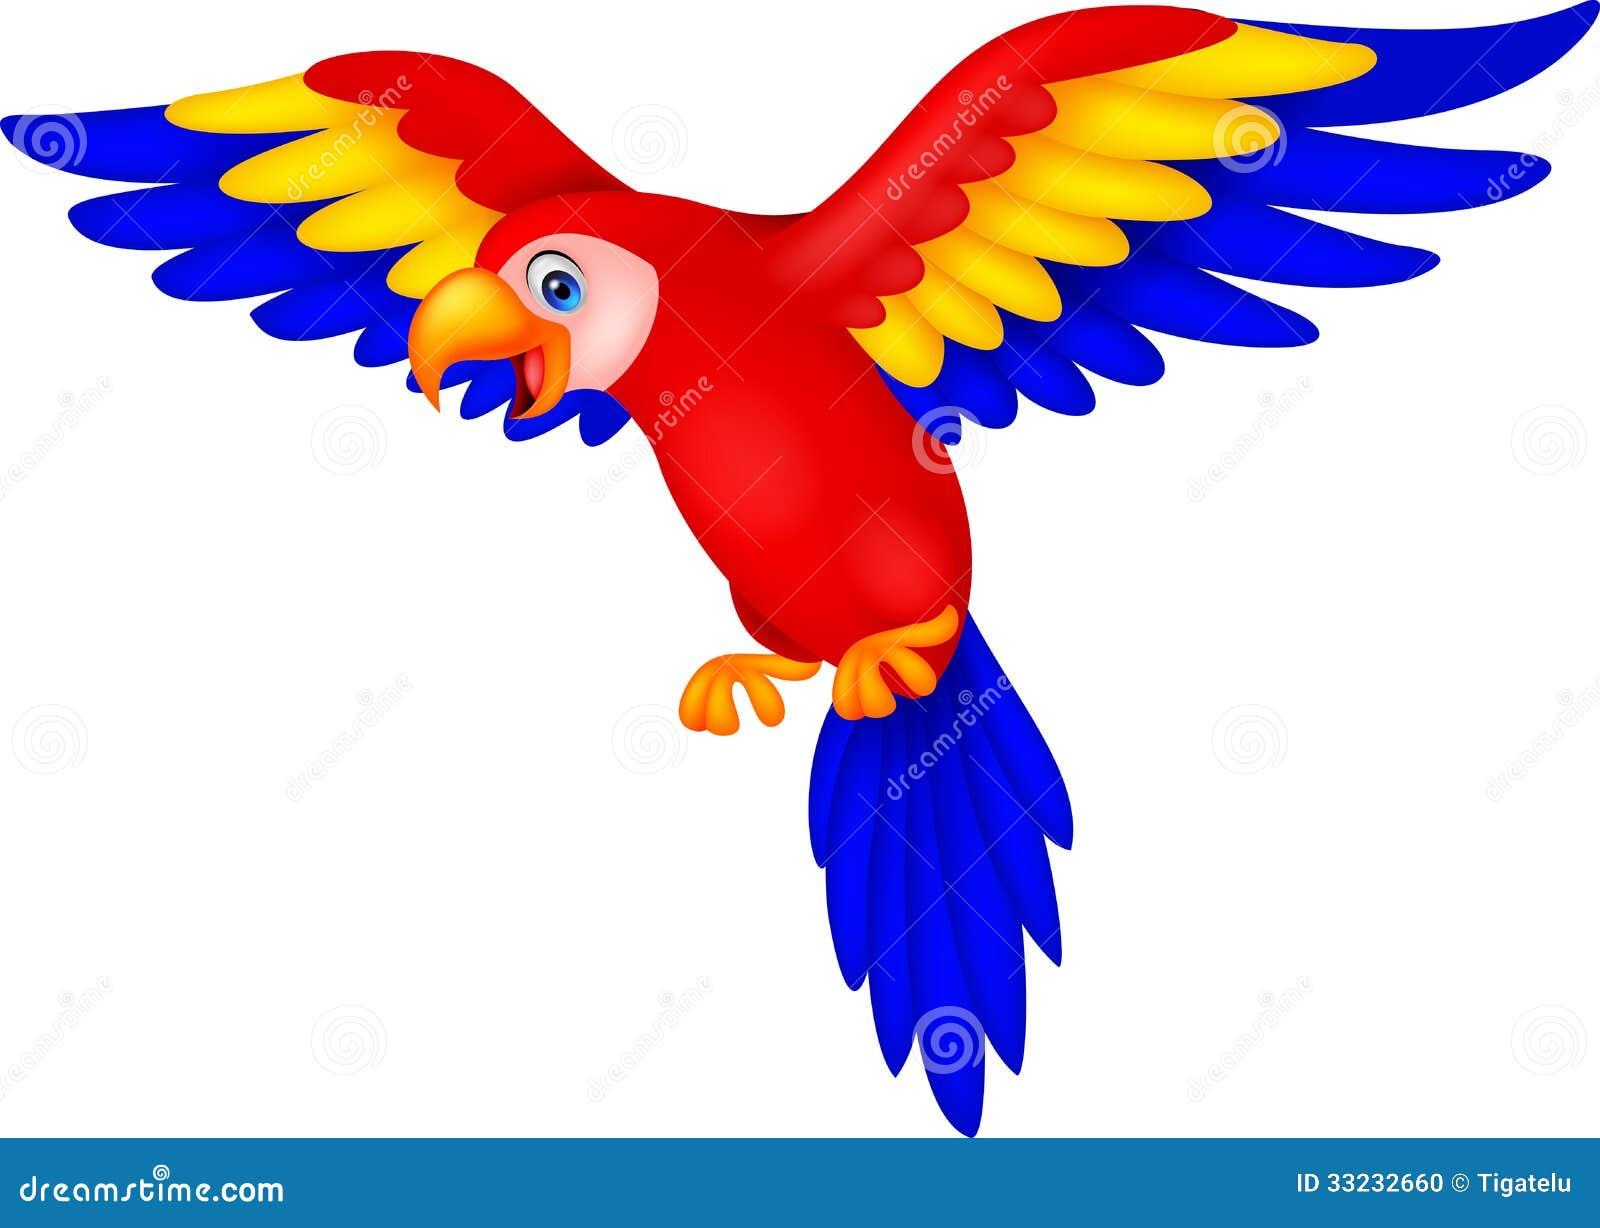 Cute Parrot Bird Cartoon Stock Vector Illustration Of